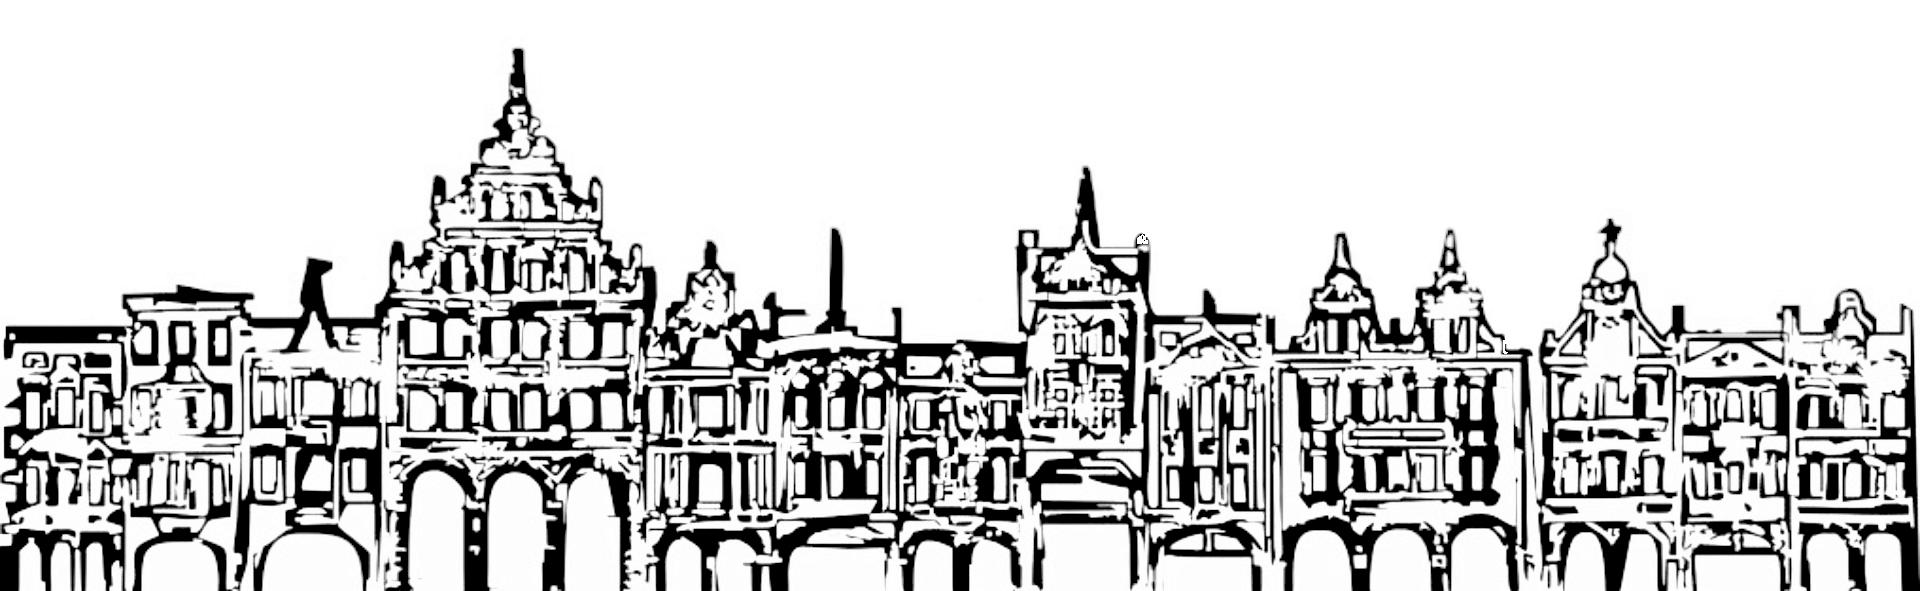 Nagłówek strony przedstawiający historyczne podcienia starego miasta